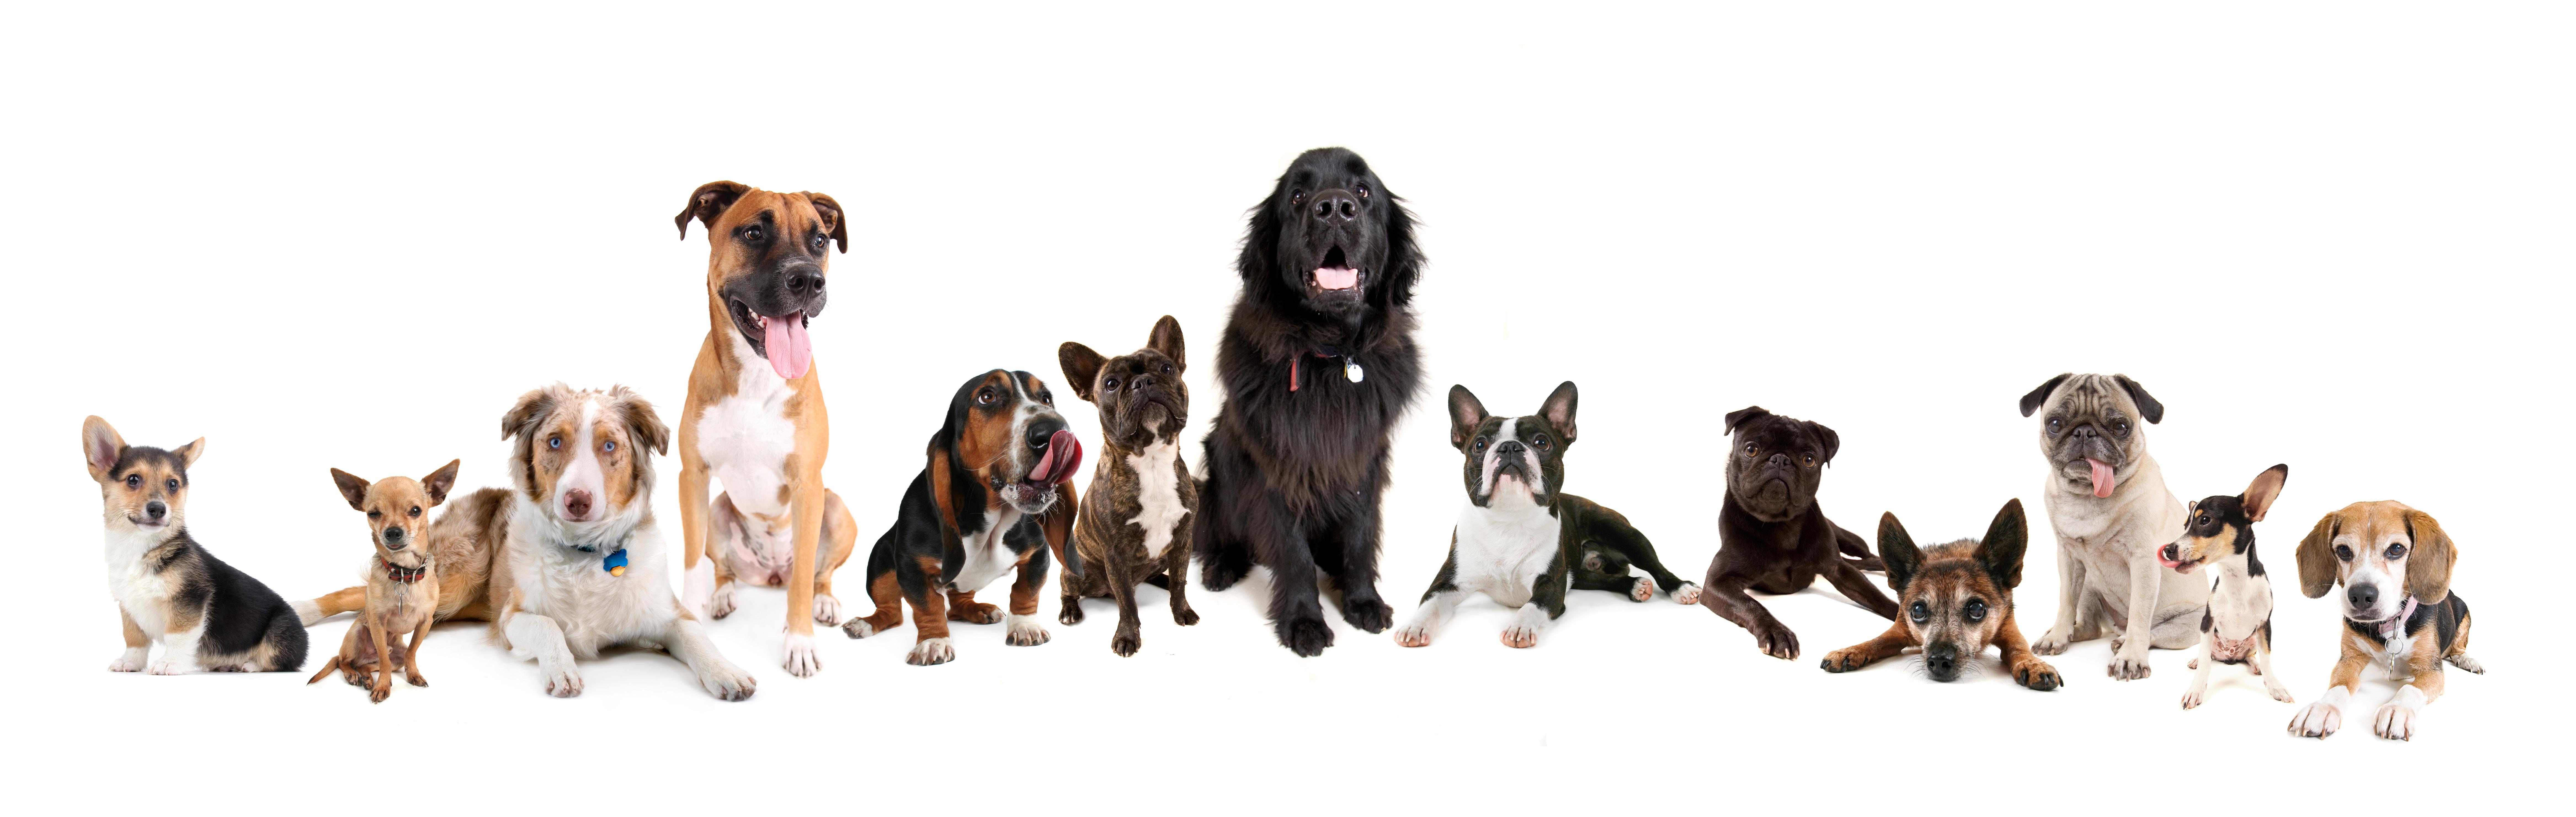 Jak dobrać  optymalny pokarm dla psa? Czyli 8 pytań, które klient musi od Ciebie usłyszeć